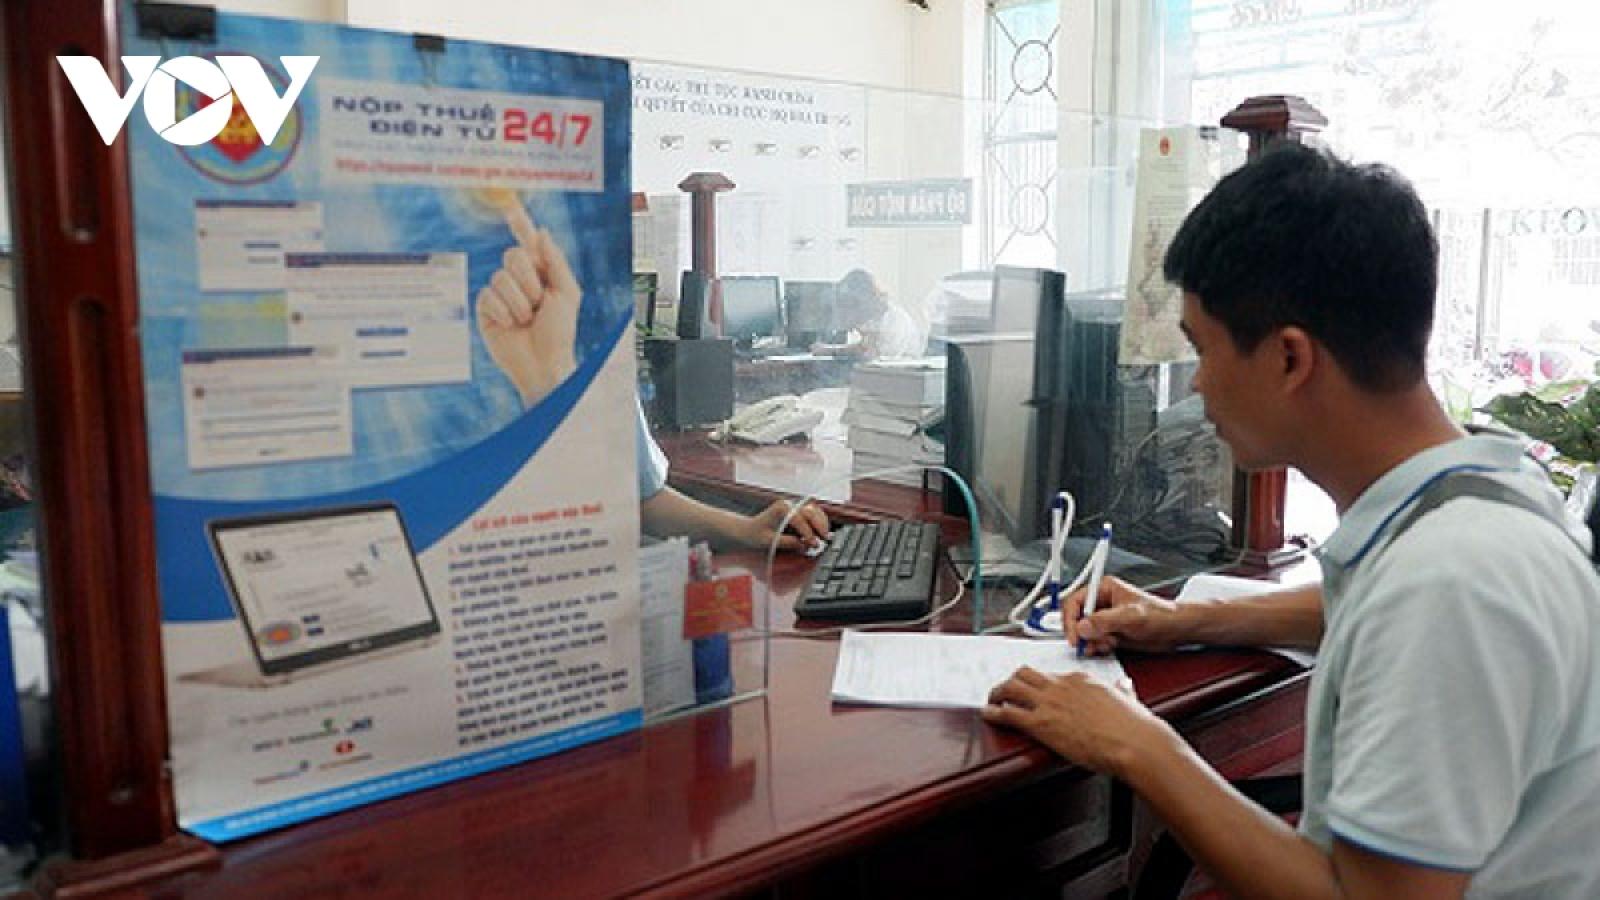 Cải cách thành công ngành Thuế, năng lực cạnh tranh quốc gia được nâng lên